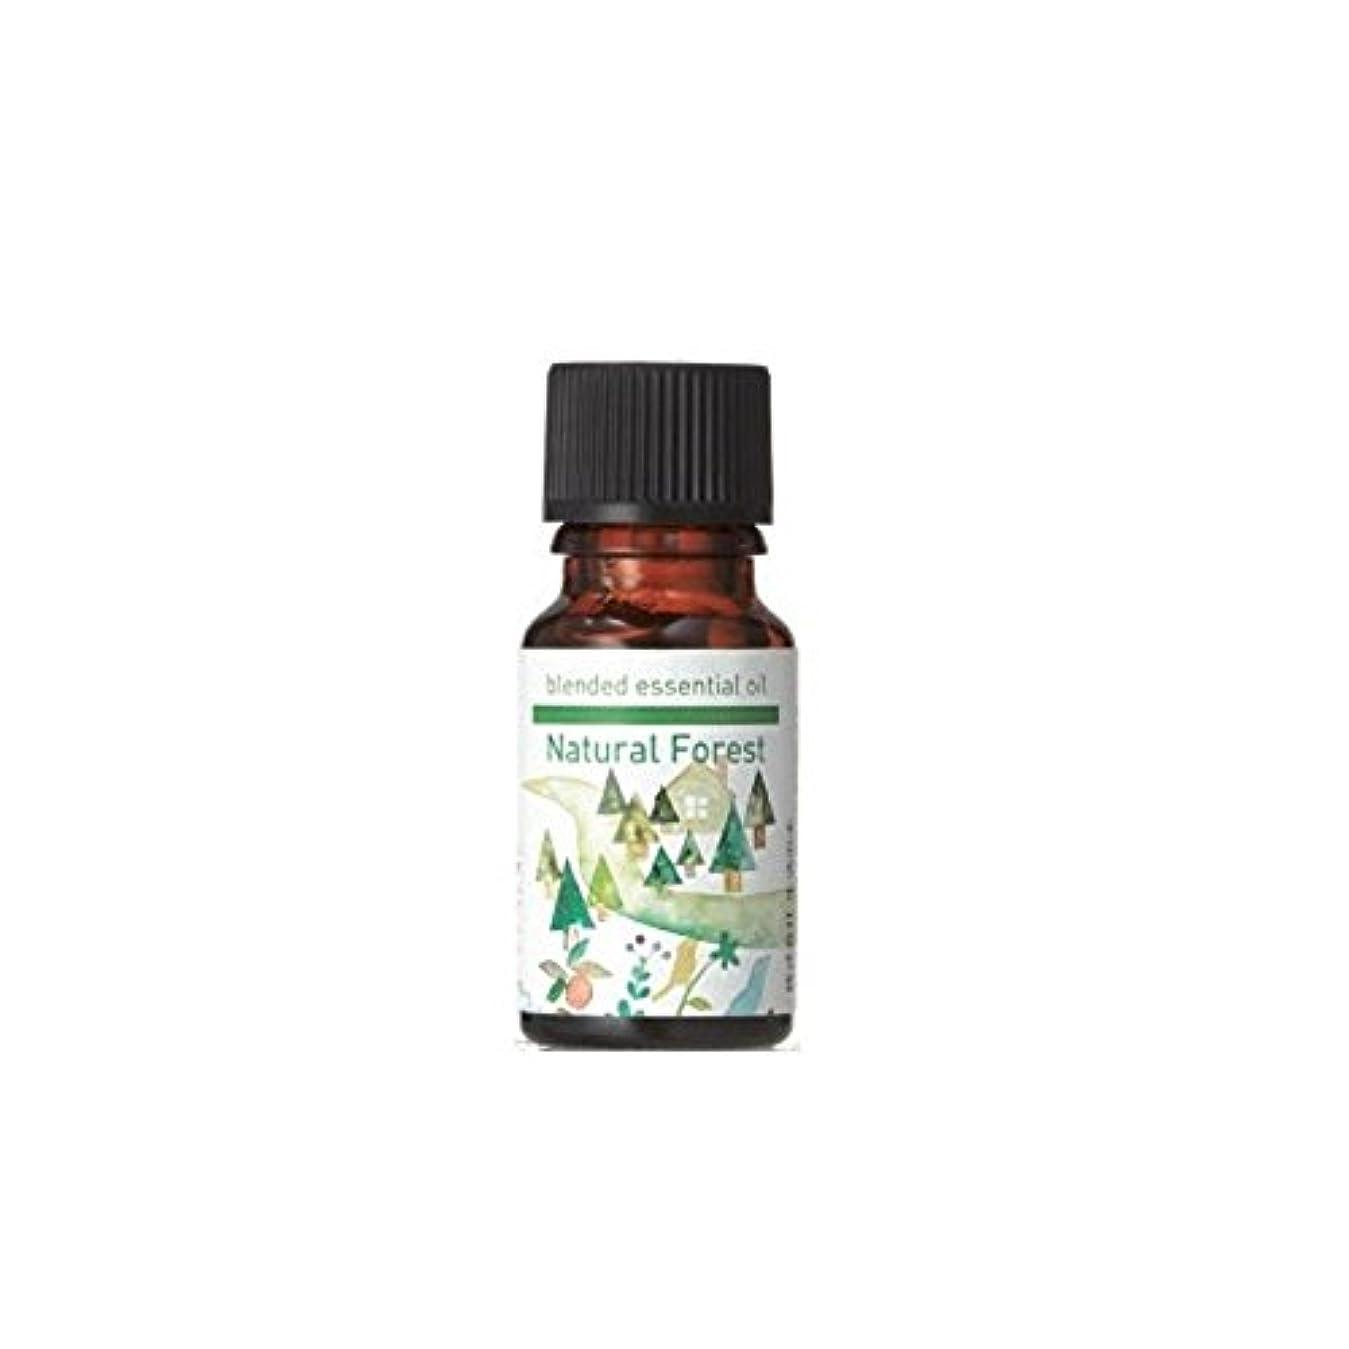 差別化するレモンエジプト生活の木 ブレンドエッセンシャルオイル ナチュラルフォレスト [30ml] エッセンシャルオイル/精油